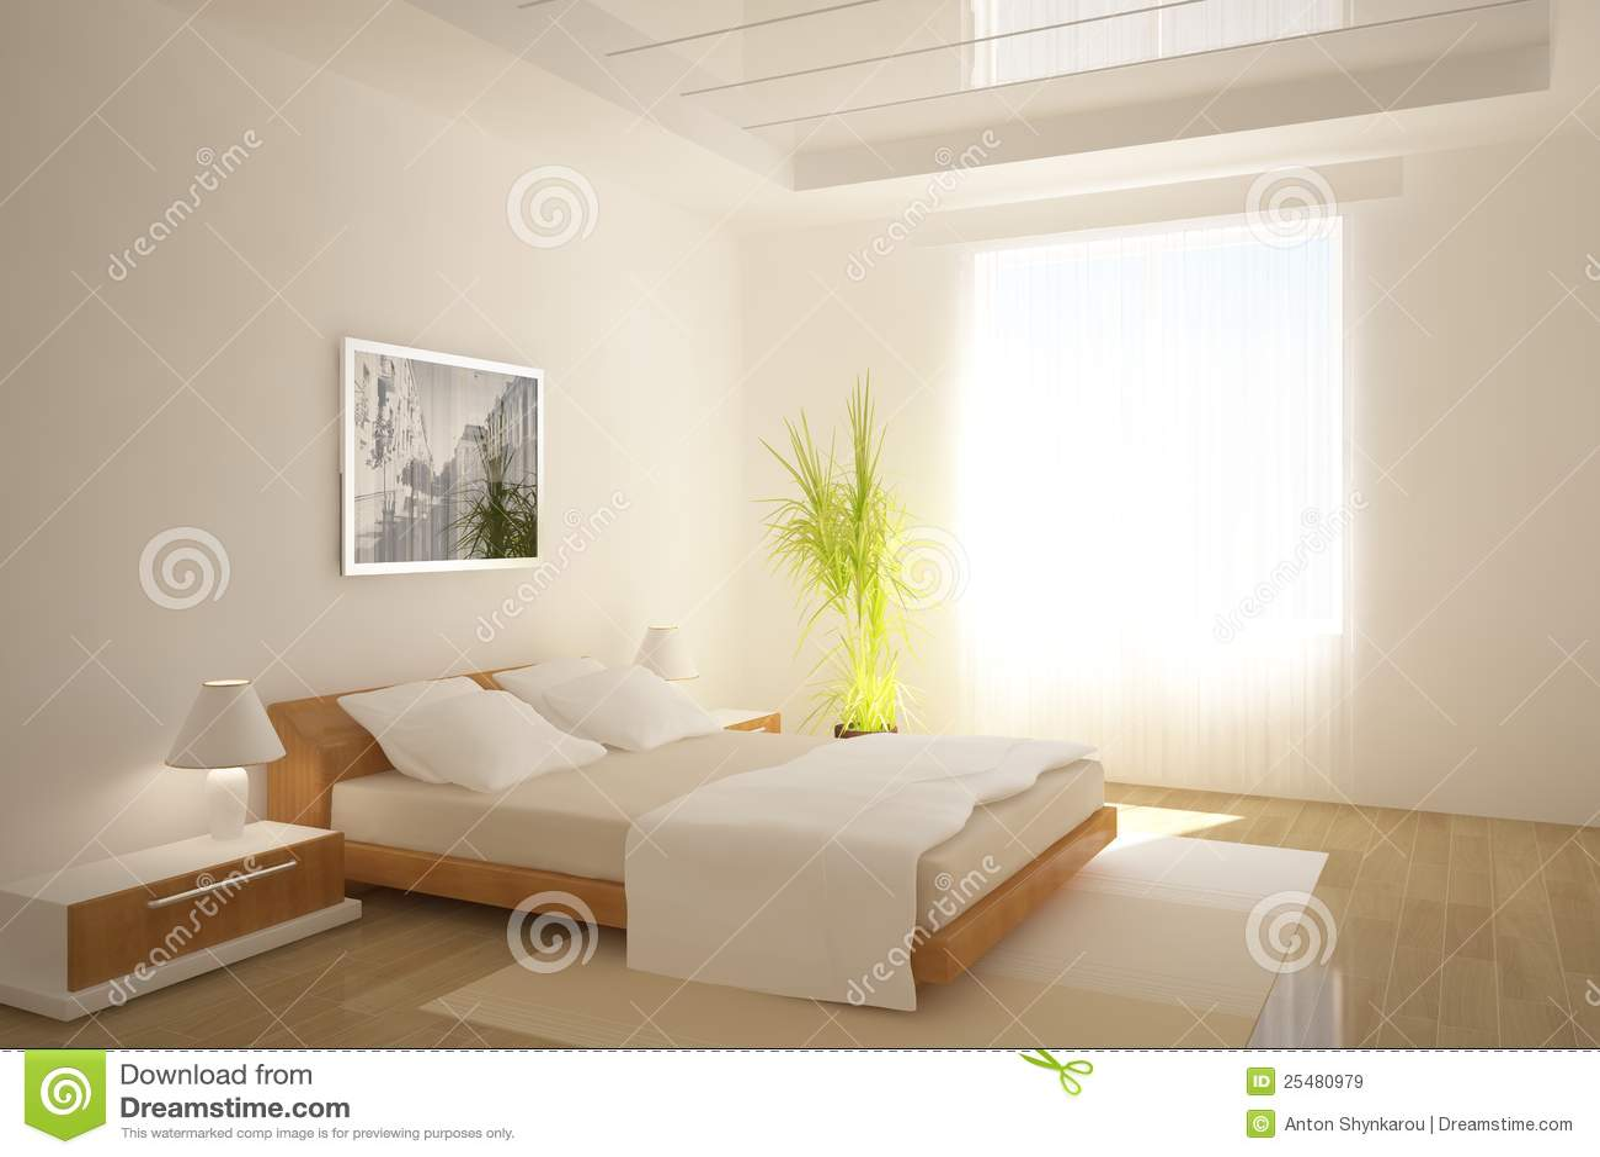 Disegno interno della camera da letto bianca illustrazione - Camera da letto bianca moderna ...